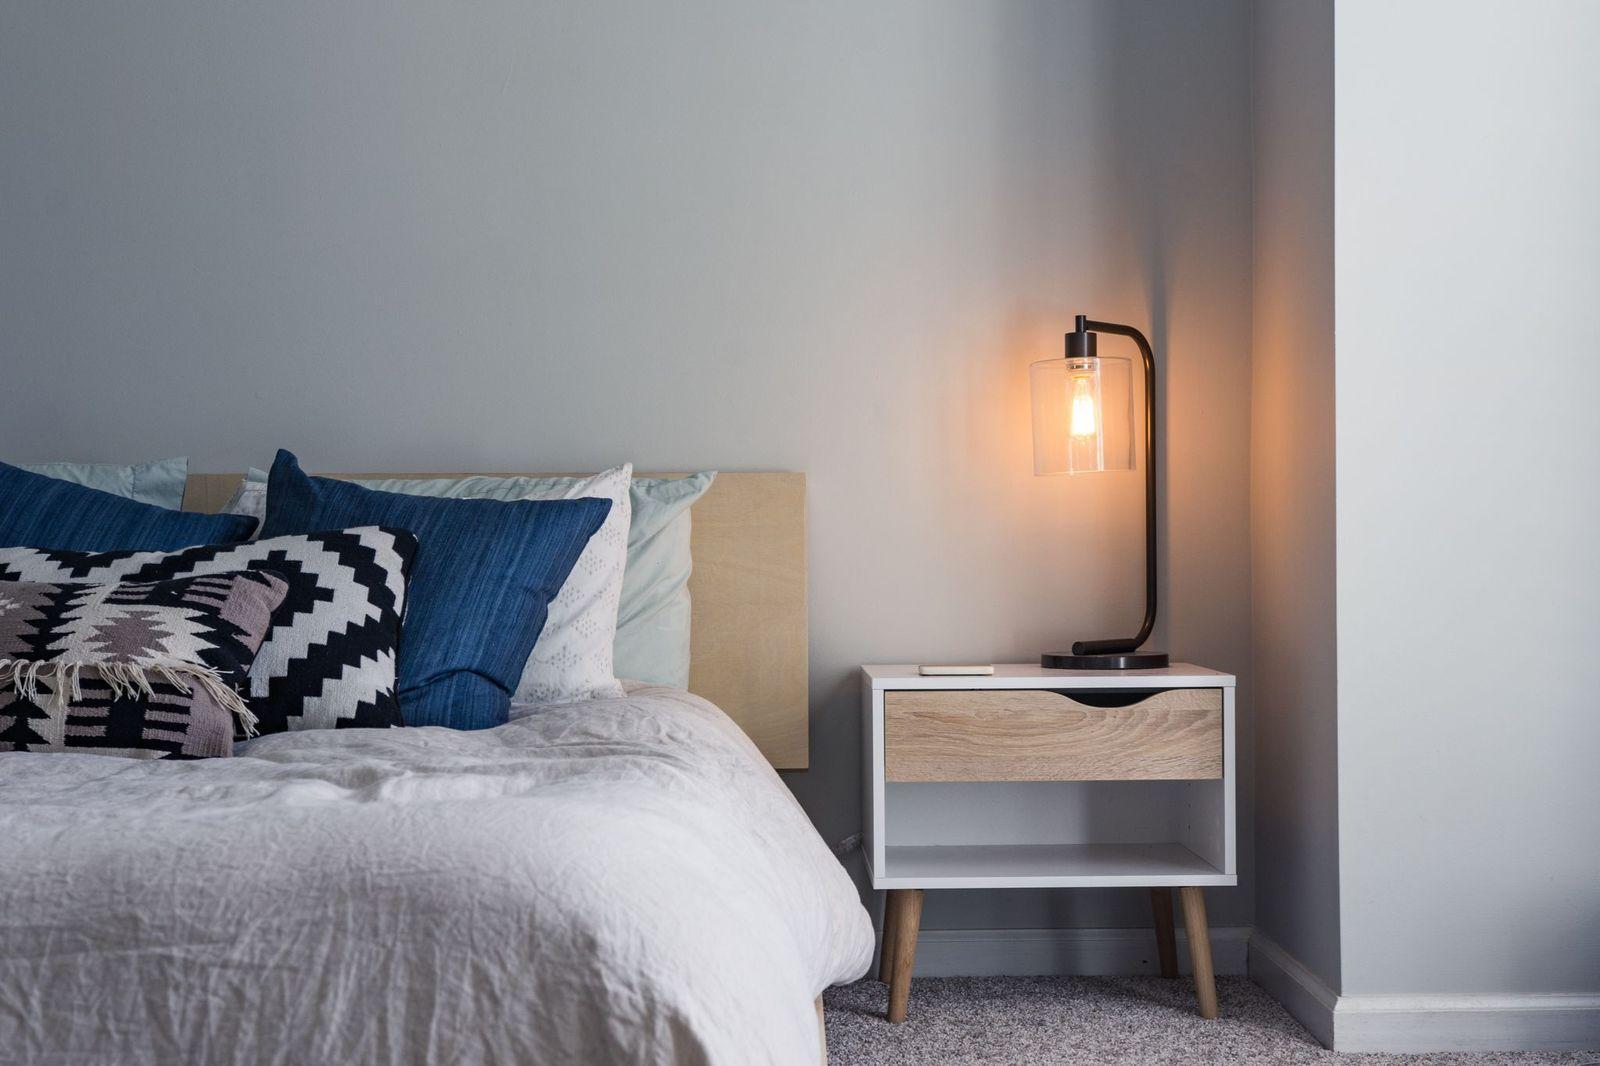 menage de votre chambre et textiles -  photo Christopher Jolly - MERCI+